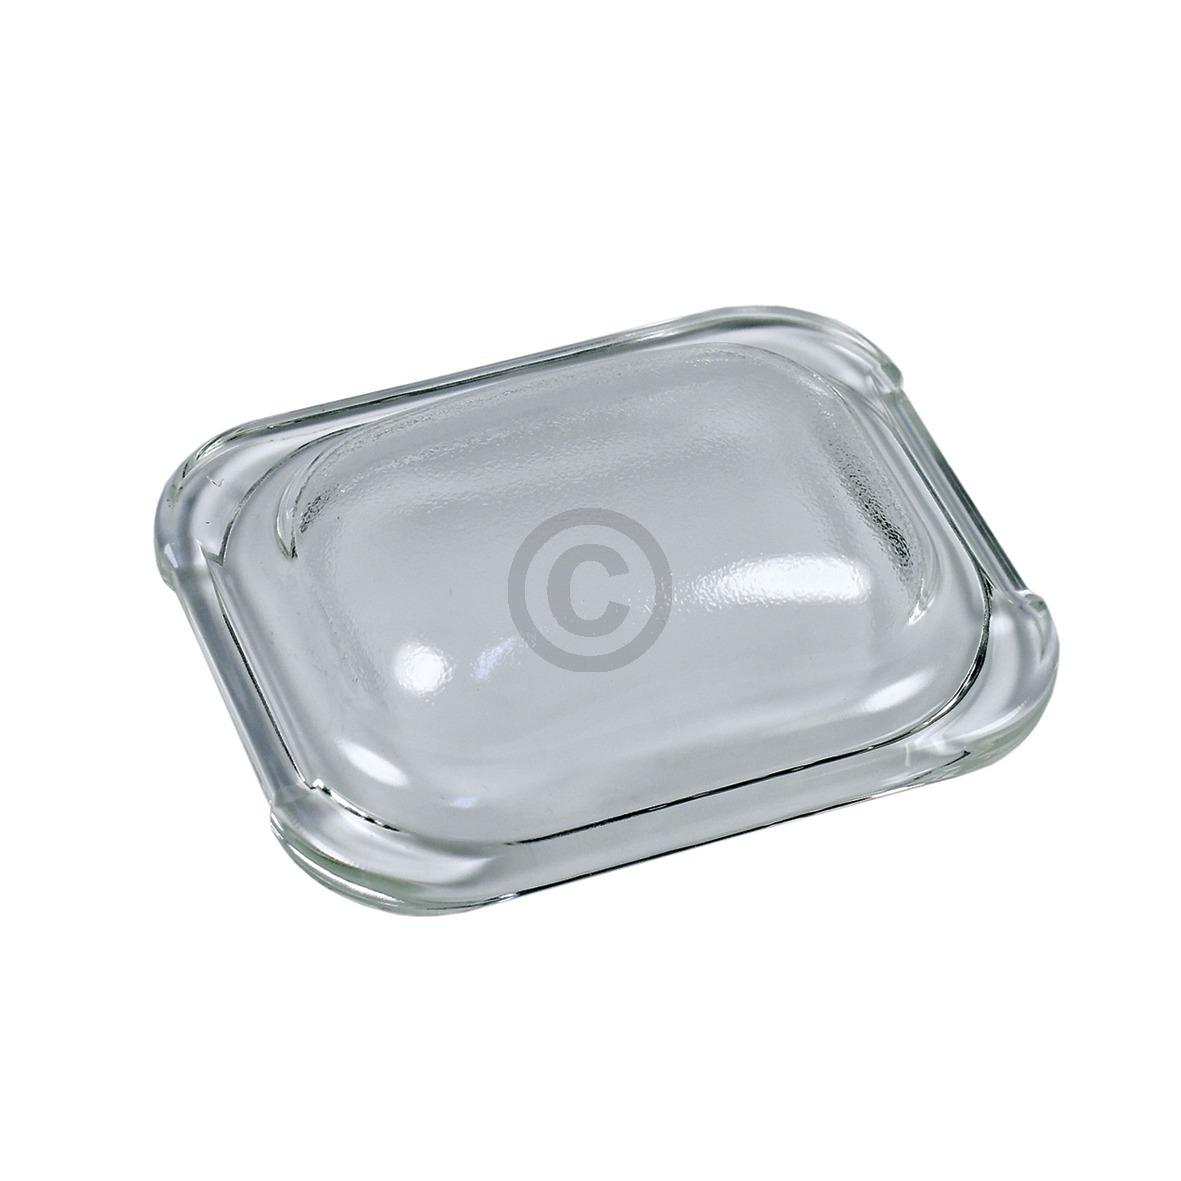 Lampenabdeckung 110x88mm, Glas 00187384 187384 Bosch, Siemens, Neff